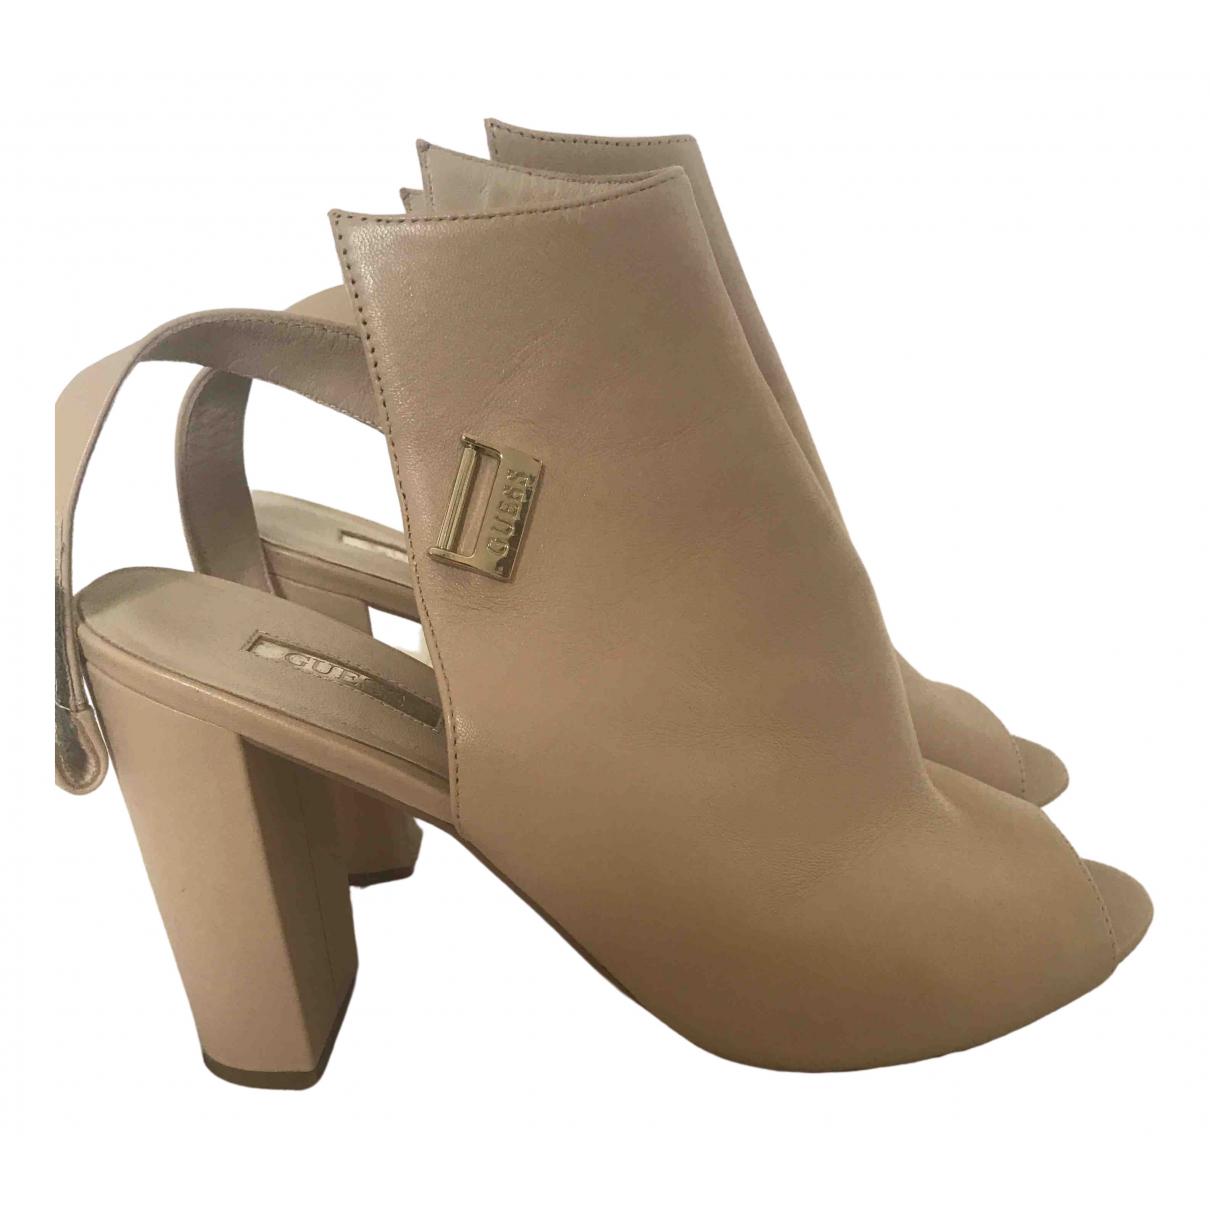 Guess \N Beige Leather Heels for Women 40 EU